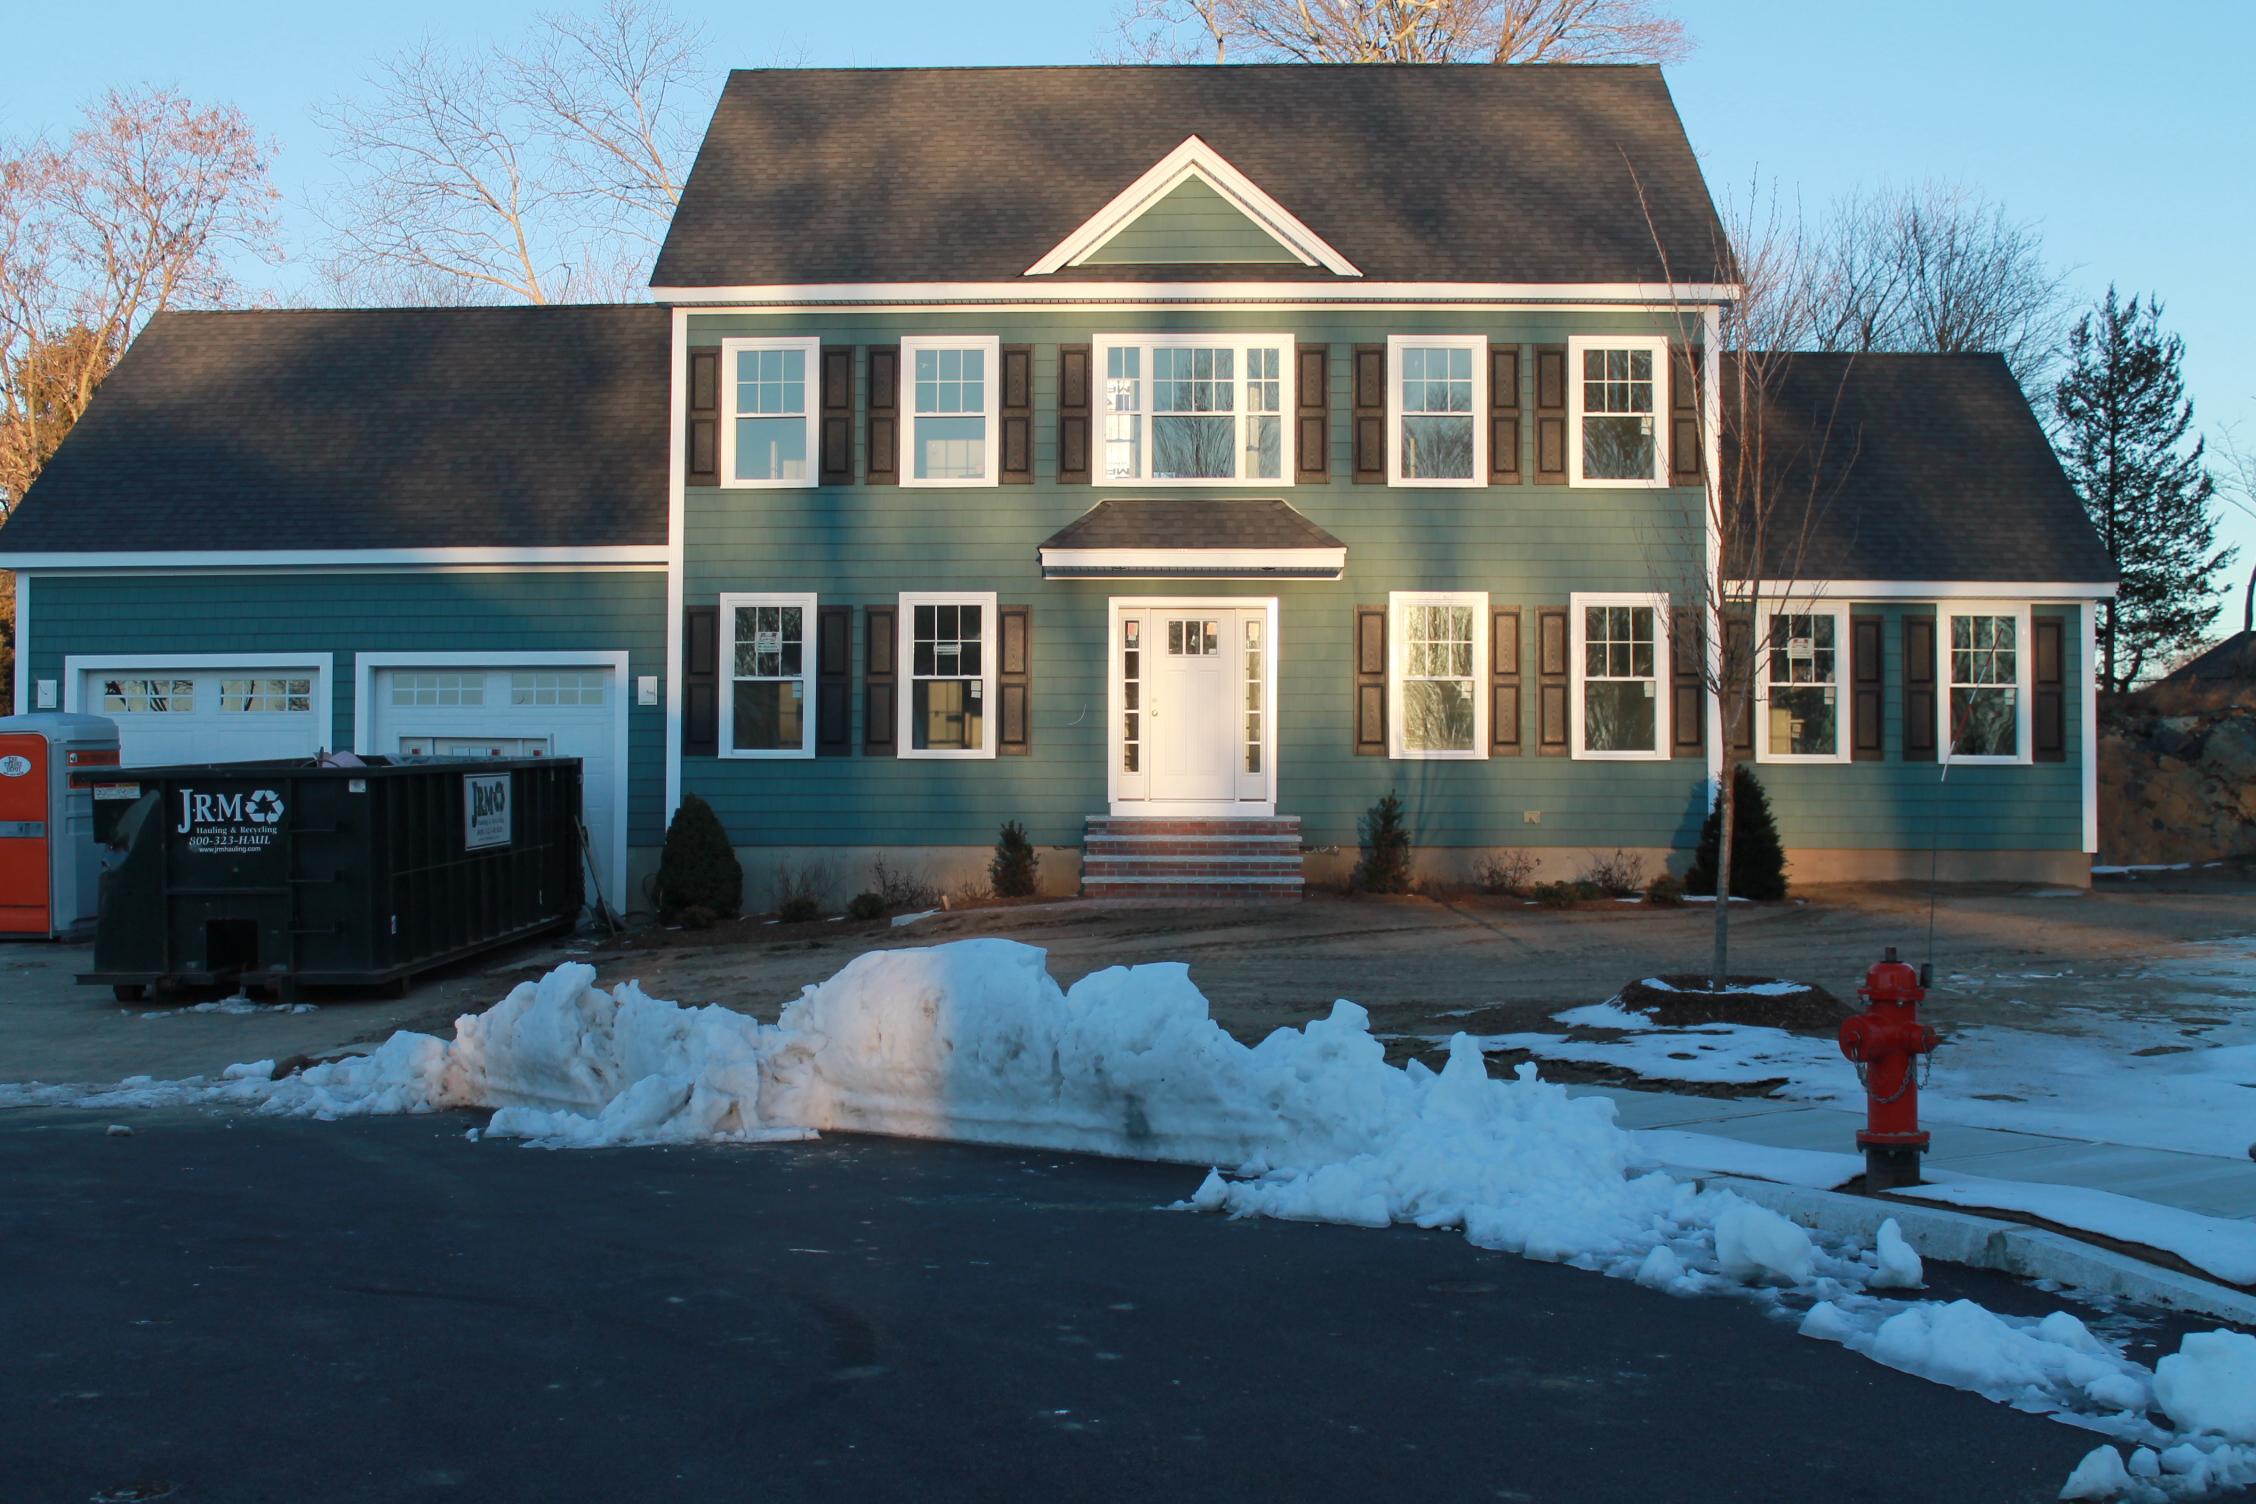 6 Carl Forester Lane, Woburn, Massachusetts 01801